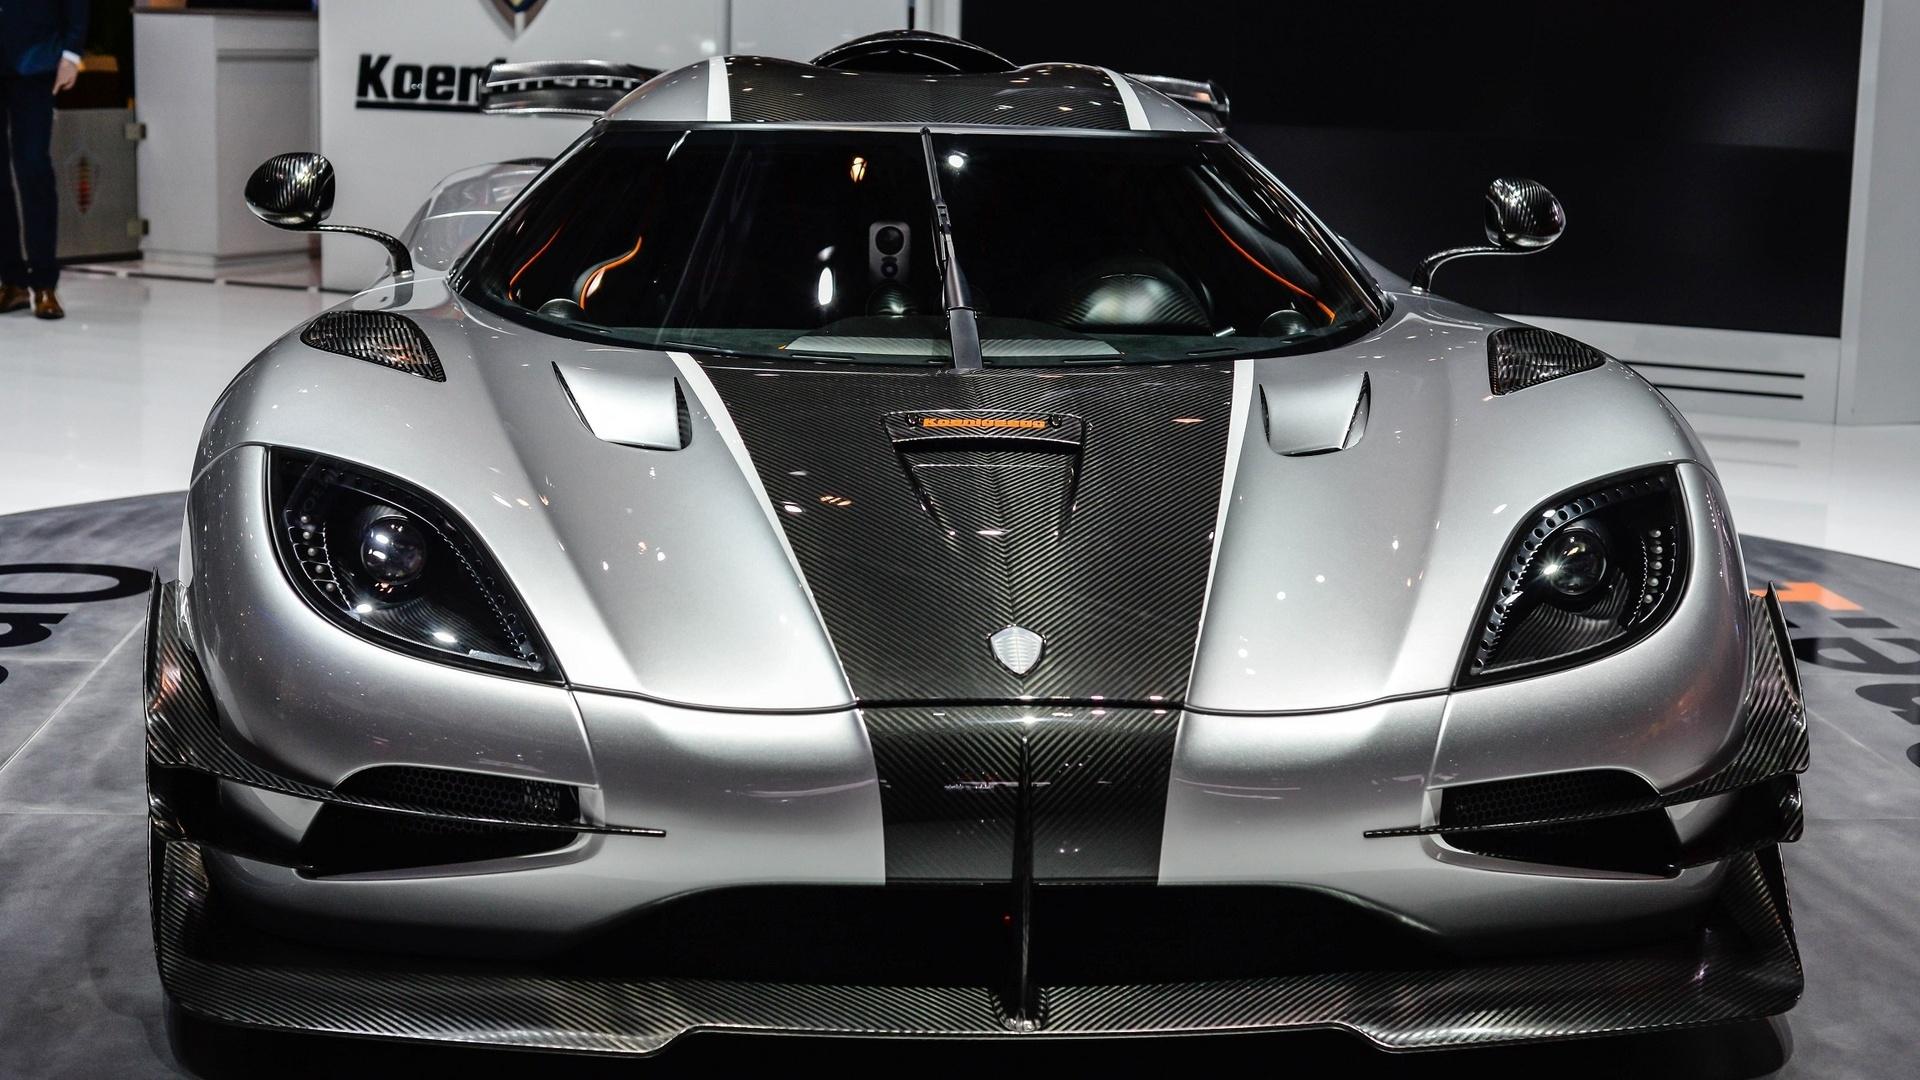 Шведский производитель суперкаров выставил на продажу автомобиль стоимостью более, чем 5 миллионов евро. 2